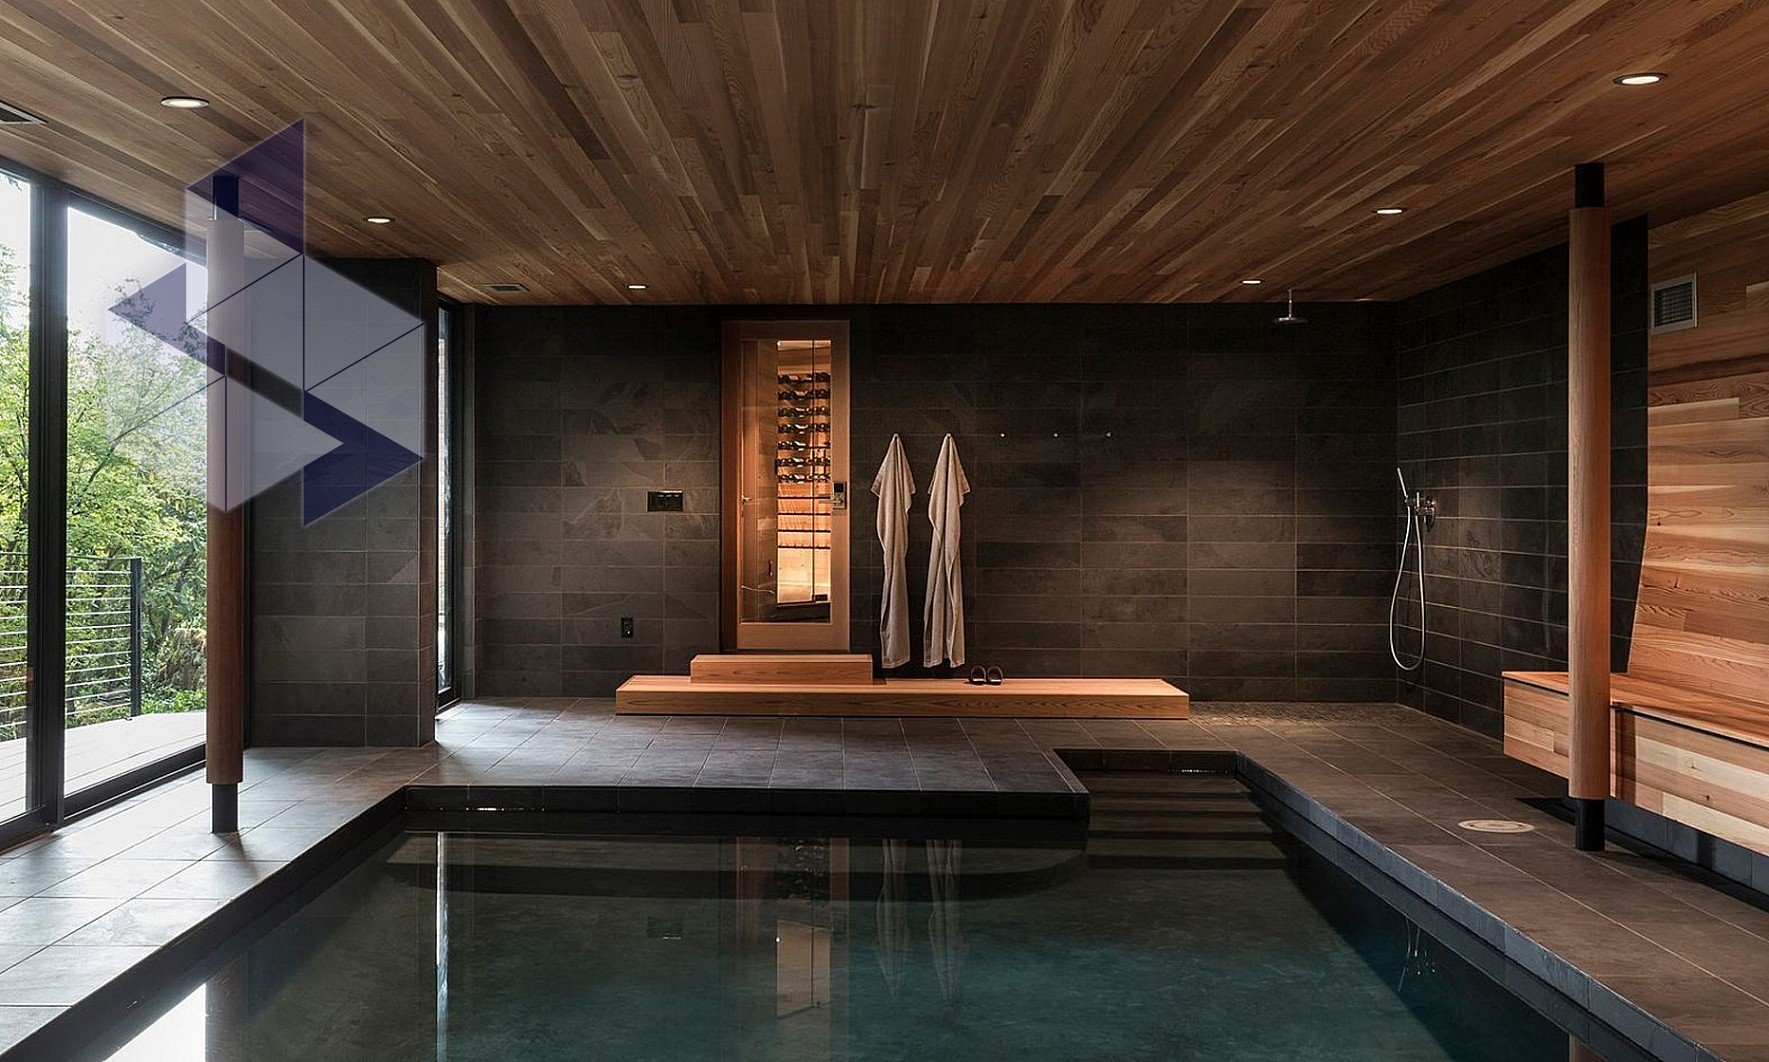 Интерьер бани: дизайн и варианты оформления